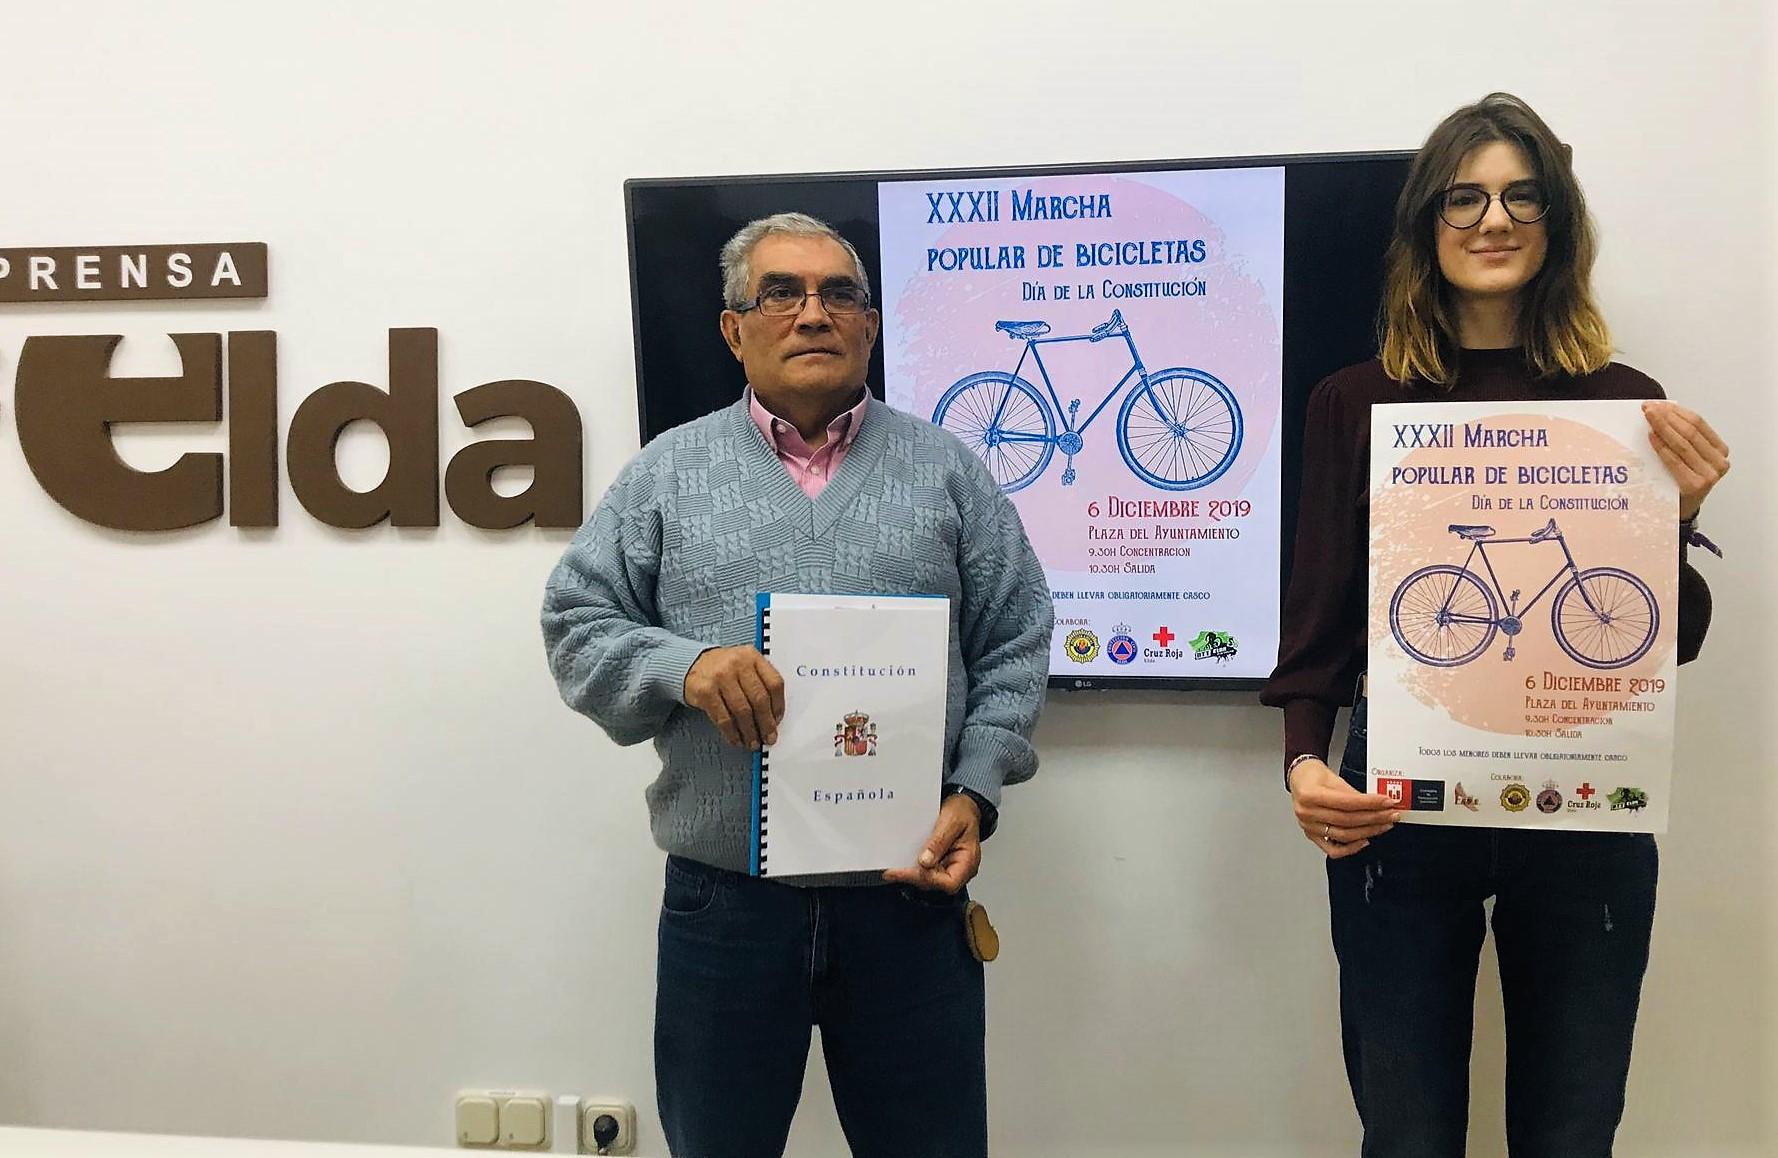 La FAVE organiza la XXXII Marcha Popular de Bicicletas para celebrar el Día de la Constitución